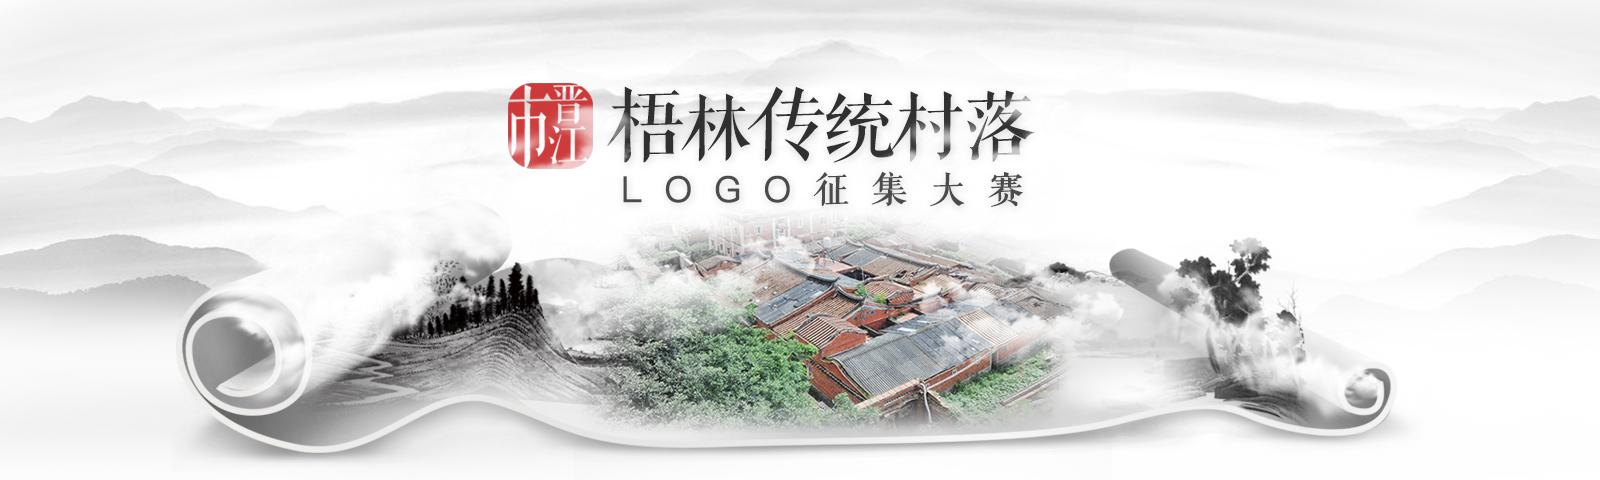 晋江市梧林传统村落 LOGO 征集大赛期待你的参与!